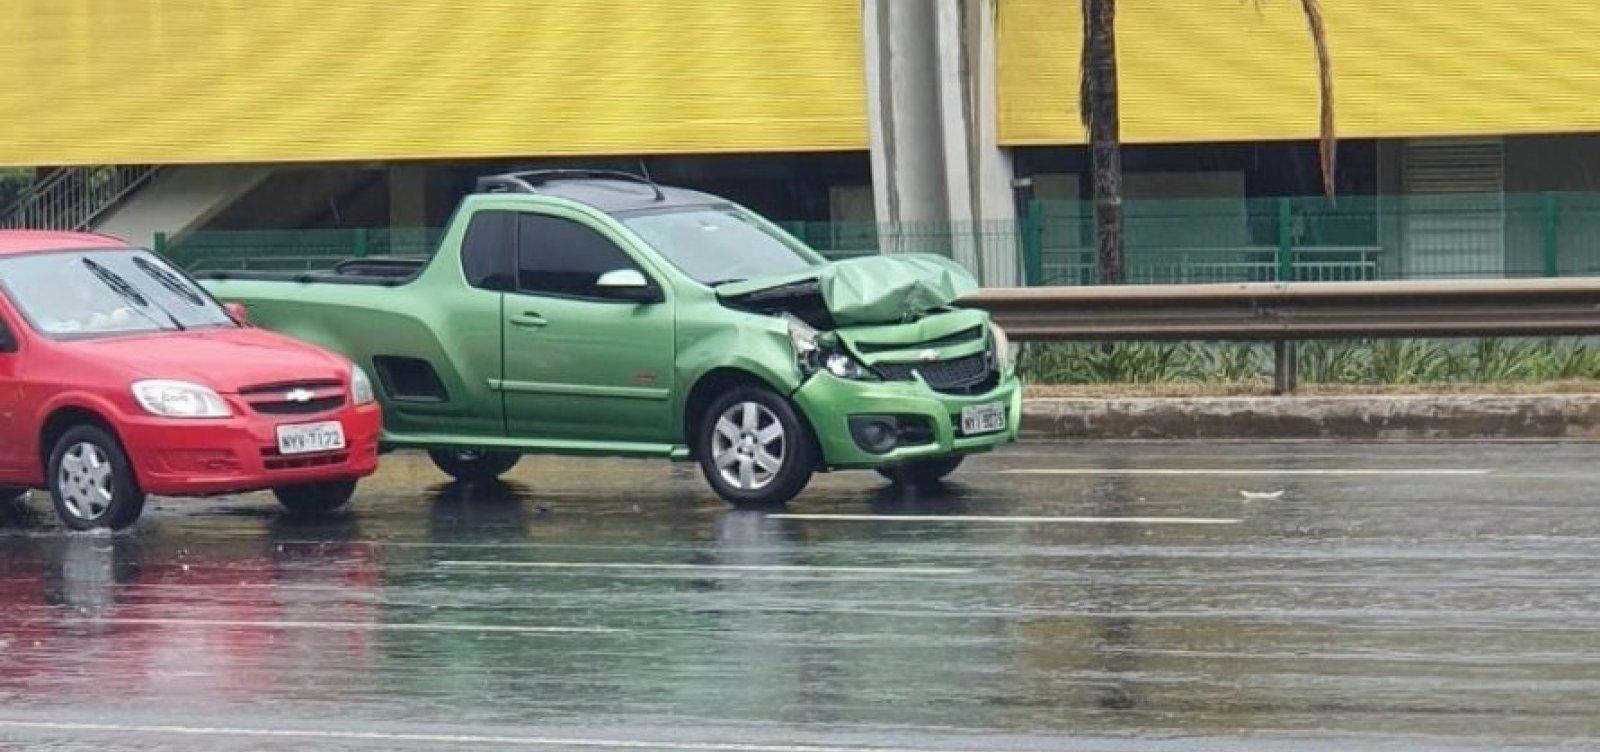 Três carros colidem na Avenida Paralela